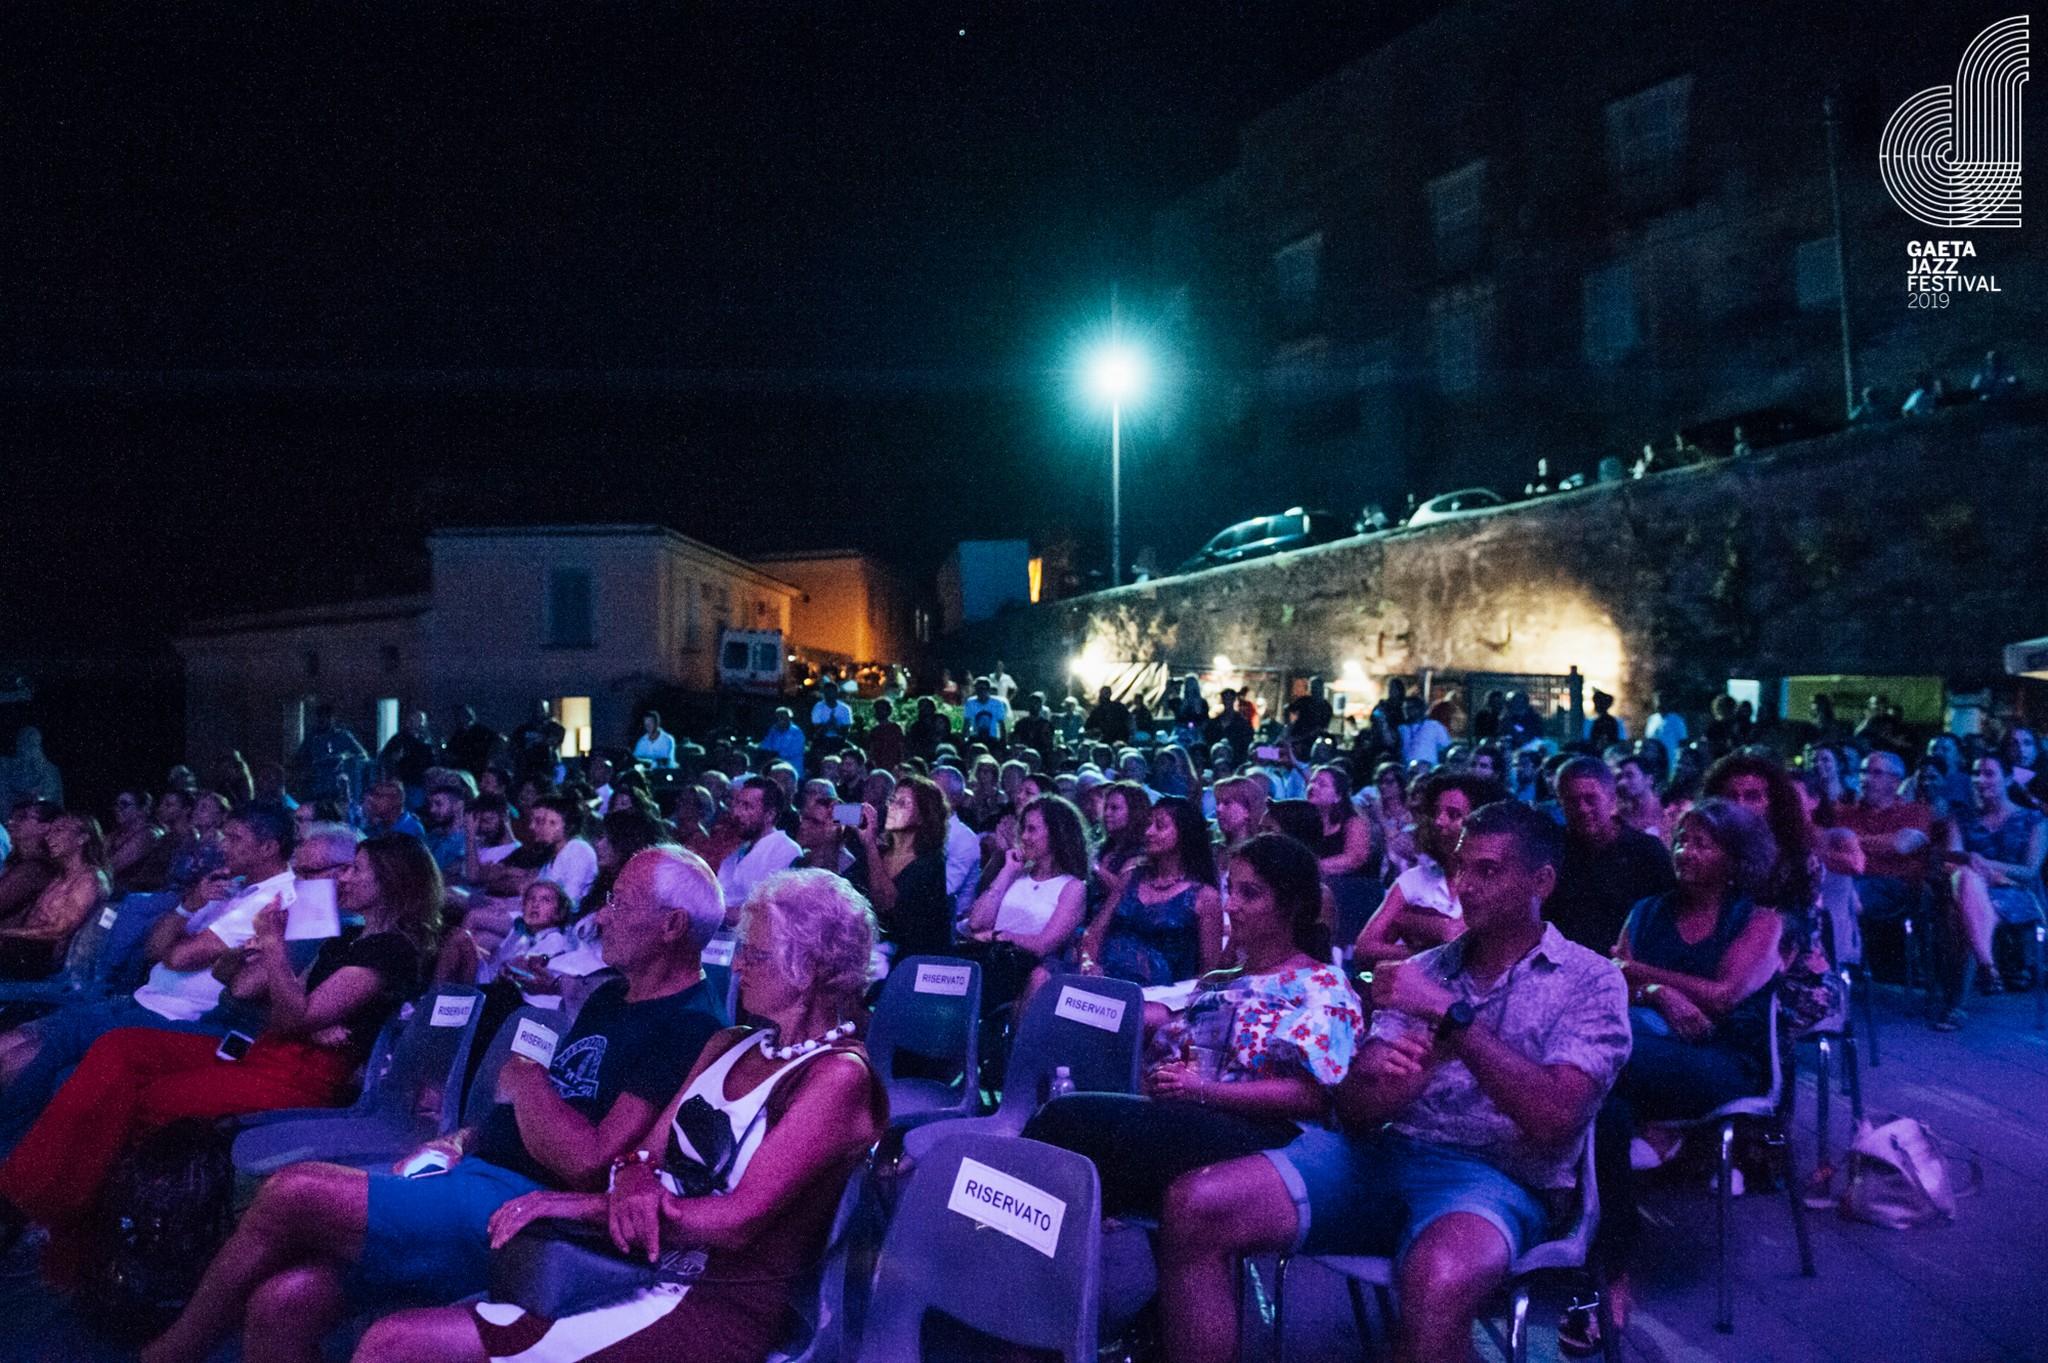 Flavia_Fiengo_Gaeta_Jazz_Festival_live_2019__00008